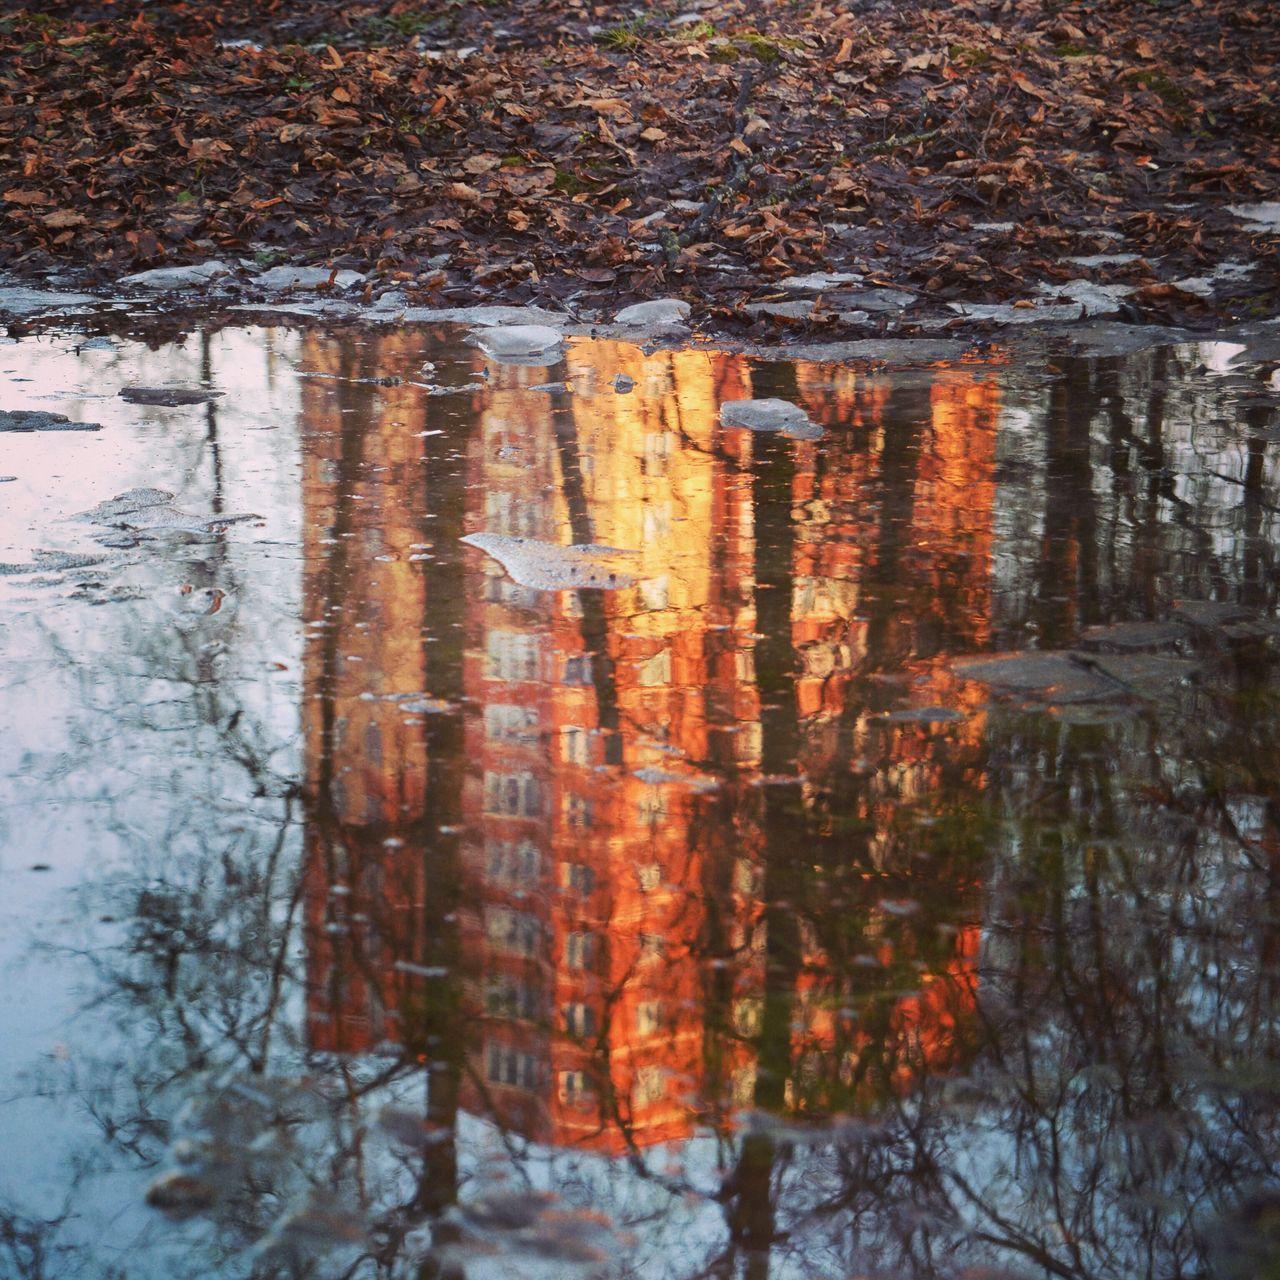 Reflection Tower Москва Moscow отражение отражение в воде здание дом осень Autumn Water